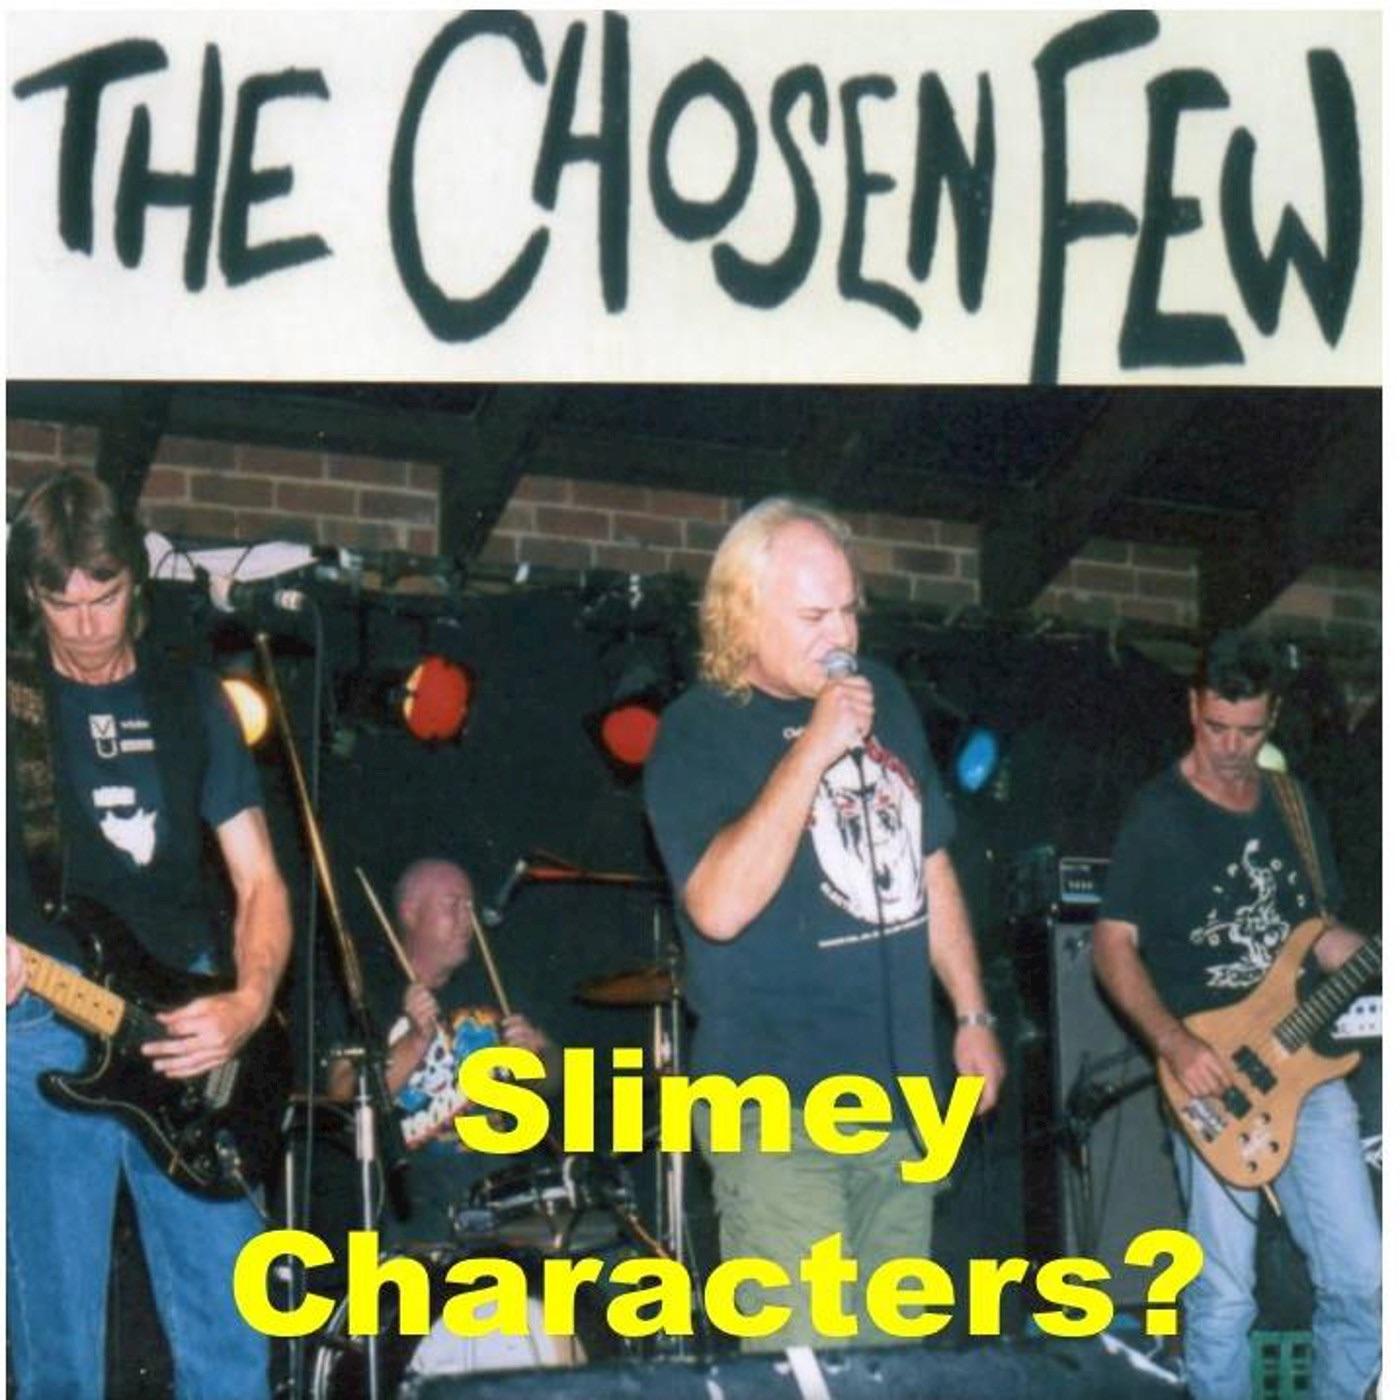 Slimey Characters?